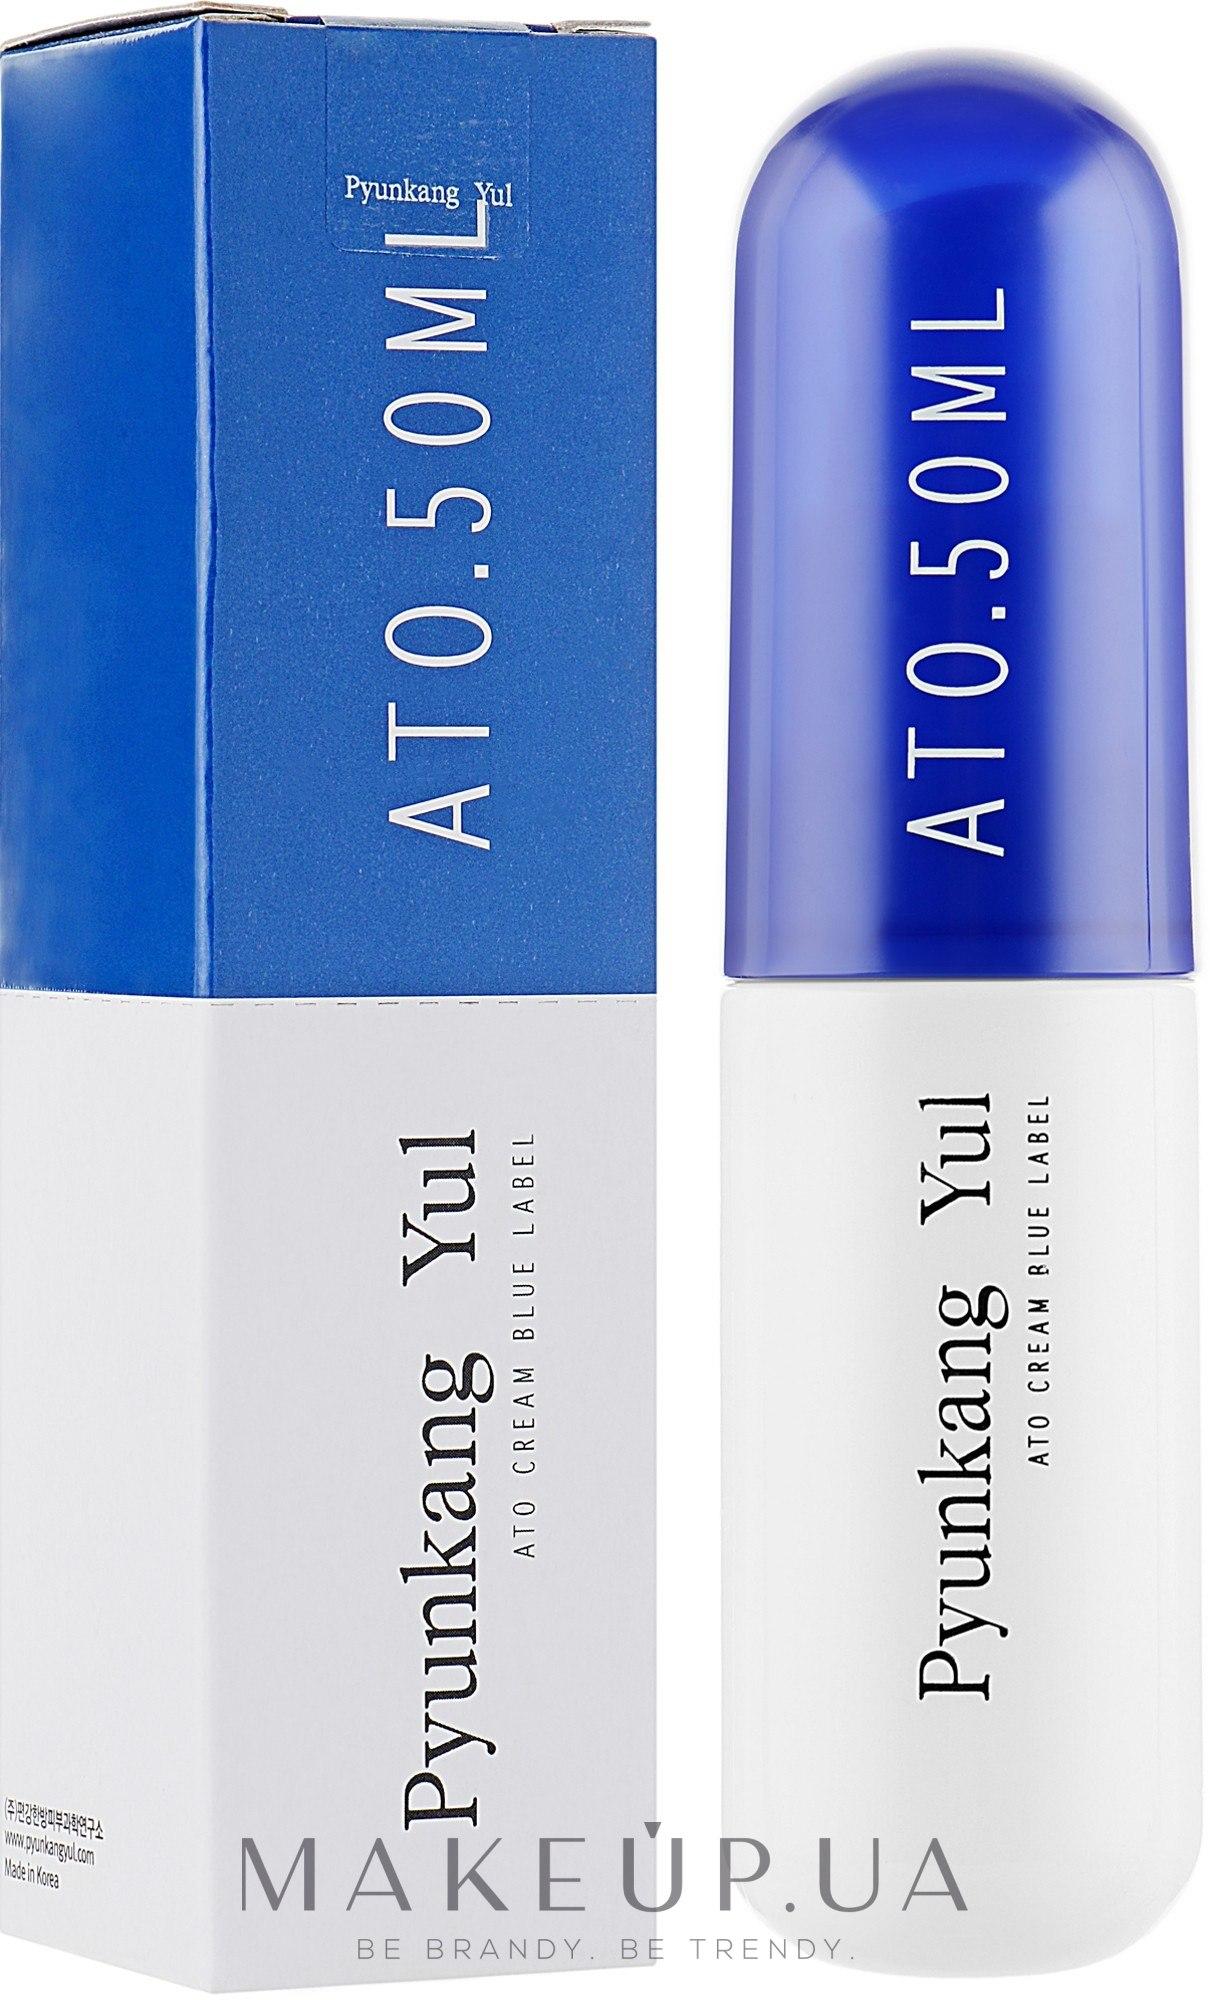 Натуральный восстанавливающий крем для проблемной и чувствительной кожи с керамидами и пептидами - Pyunkang Yul Ato Cream Blue Label — фото 50ml